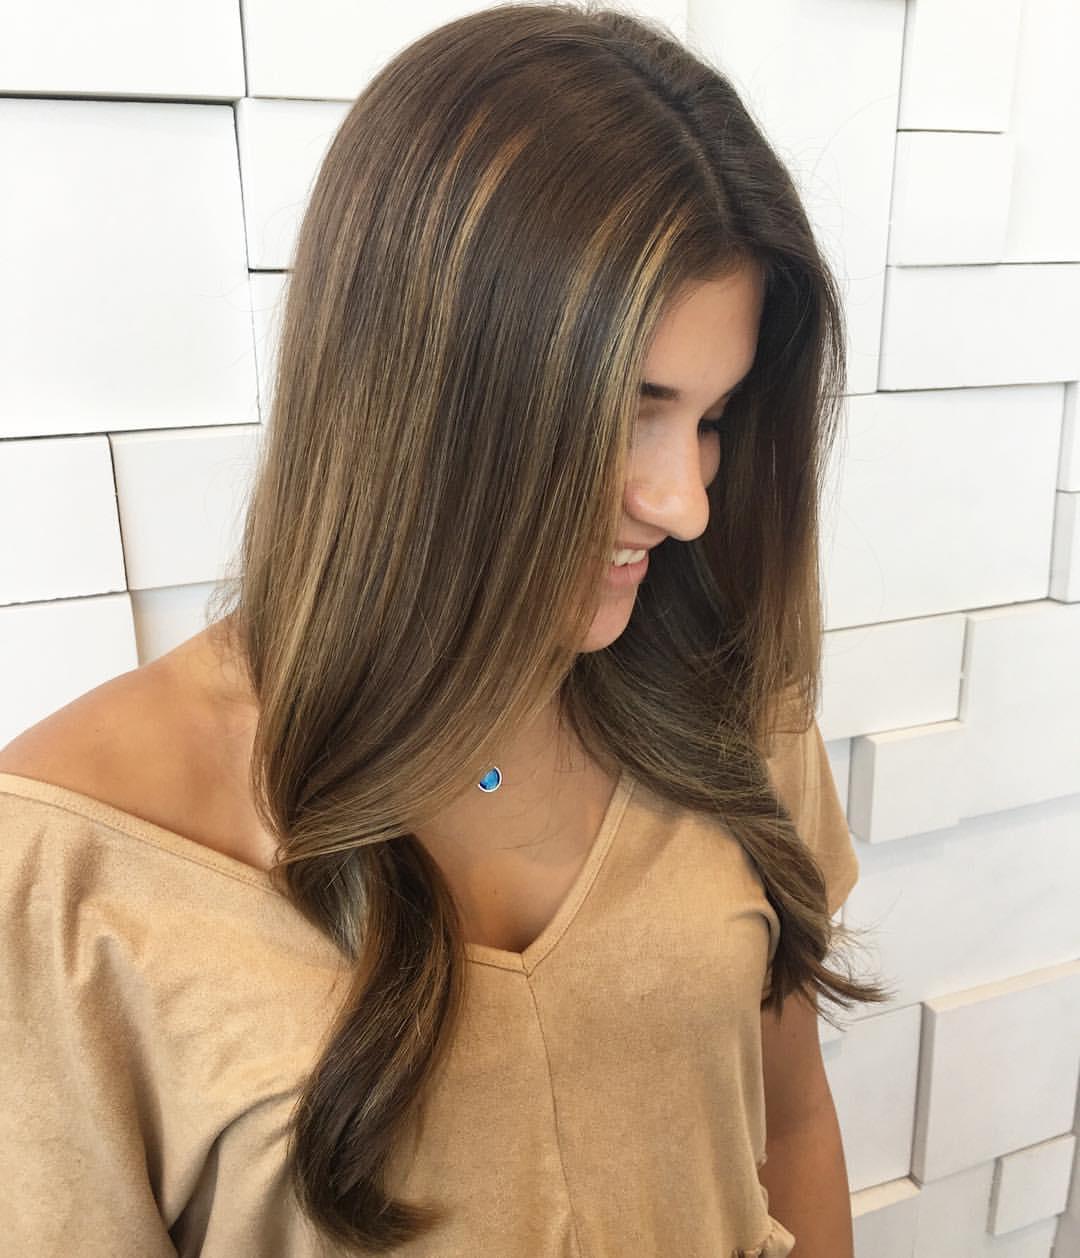 Ashley York Dallas Hairstylist Highlights